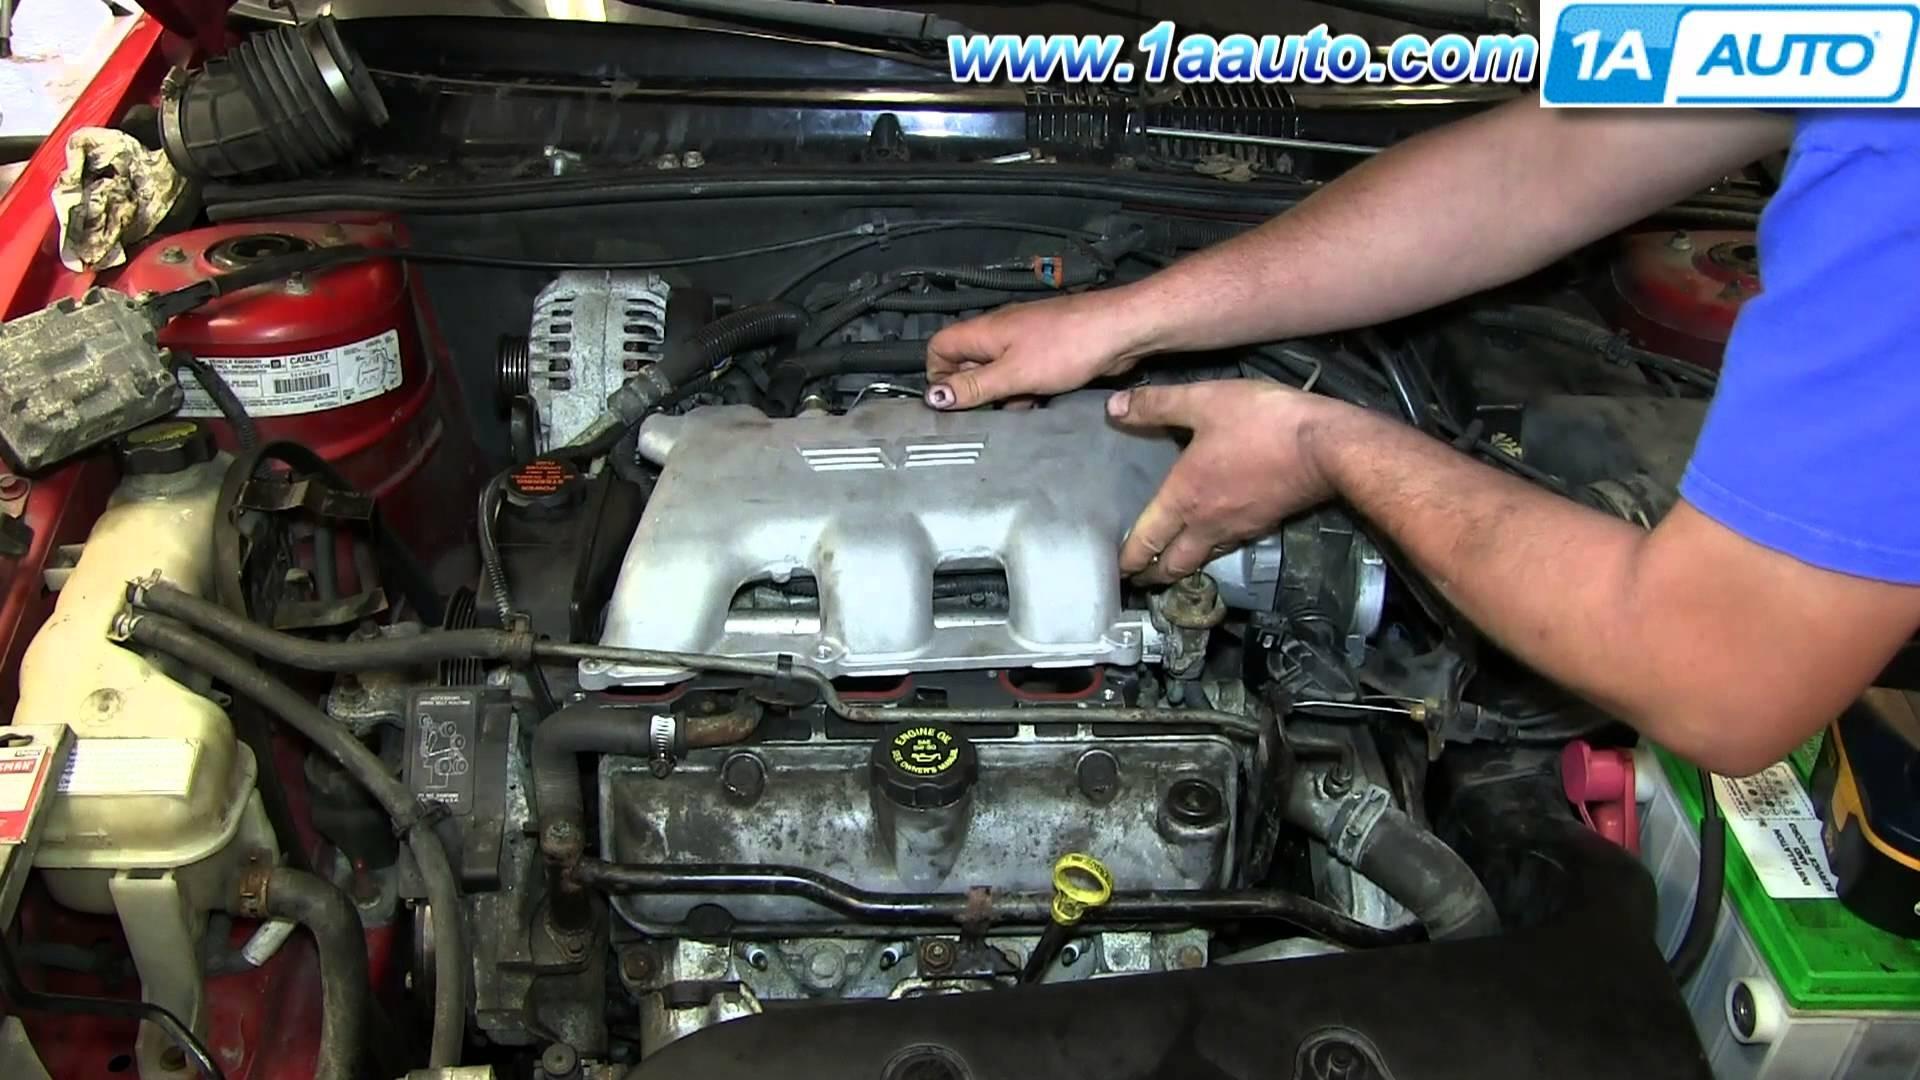 3100 Sfi V6 Engine Diagram How to Install Replace Fuel Injector Gm 3 4l V6 Pontiac Grand Am Of 3100 Sfi V6 Engine Diagram